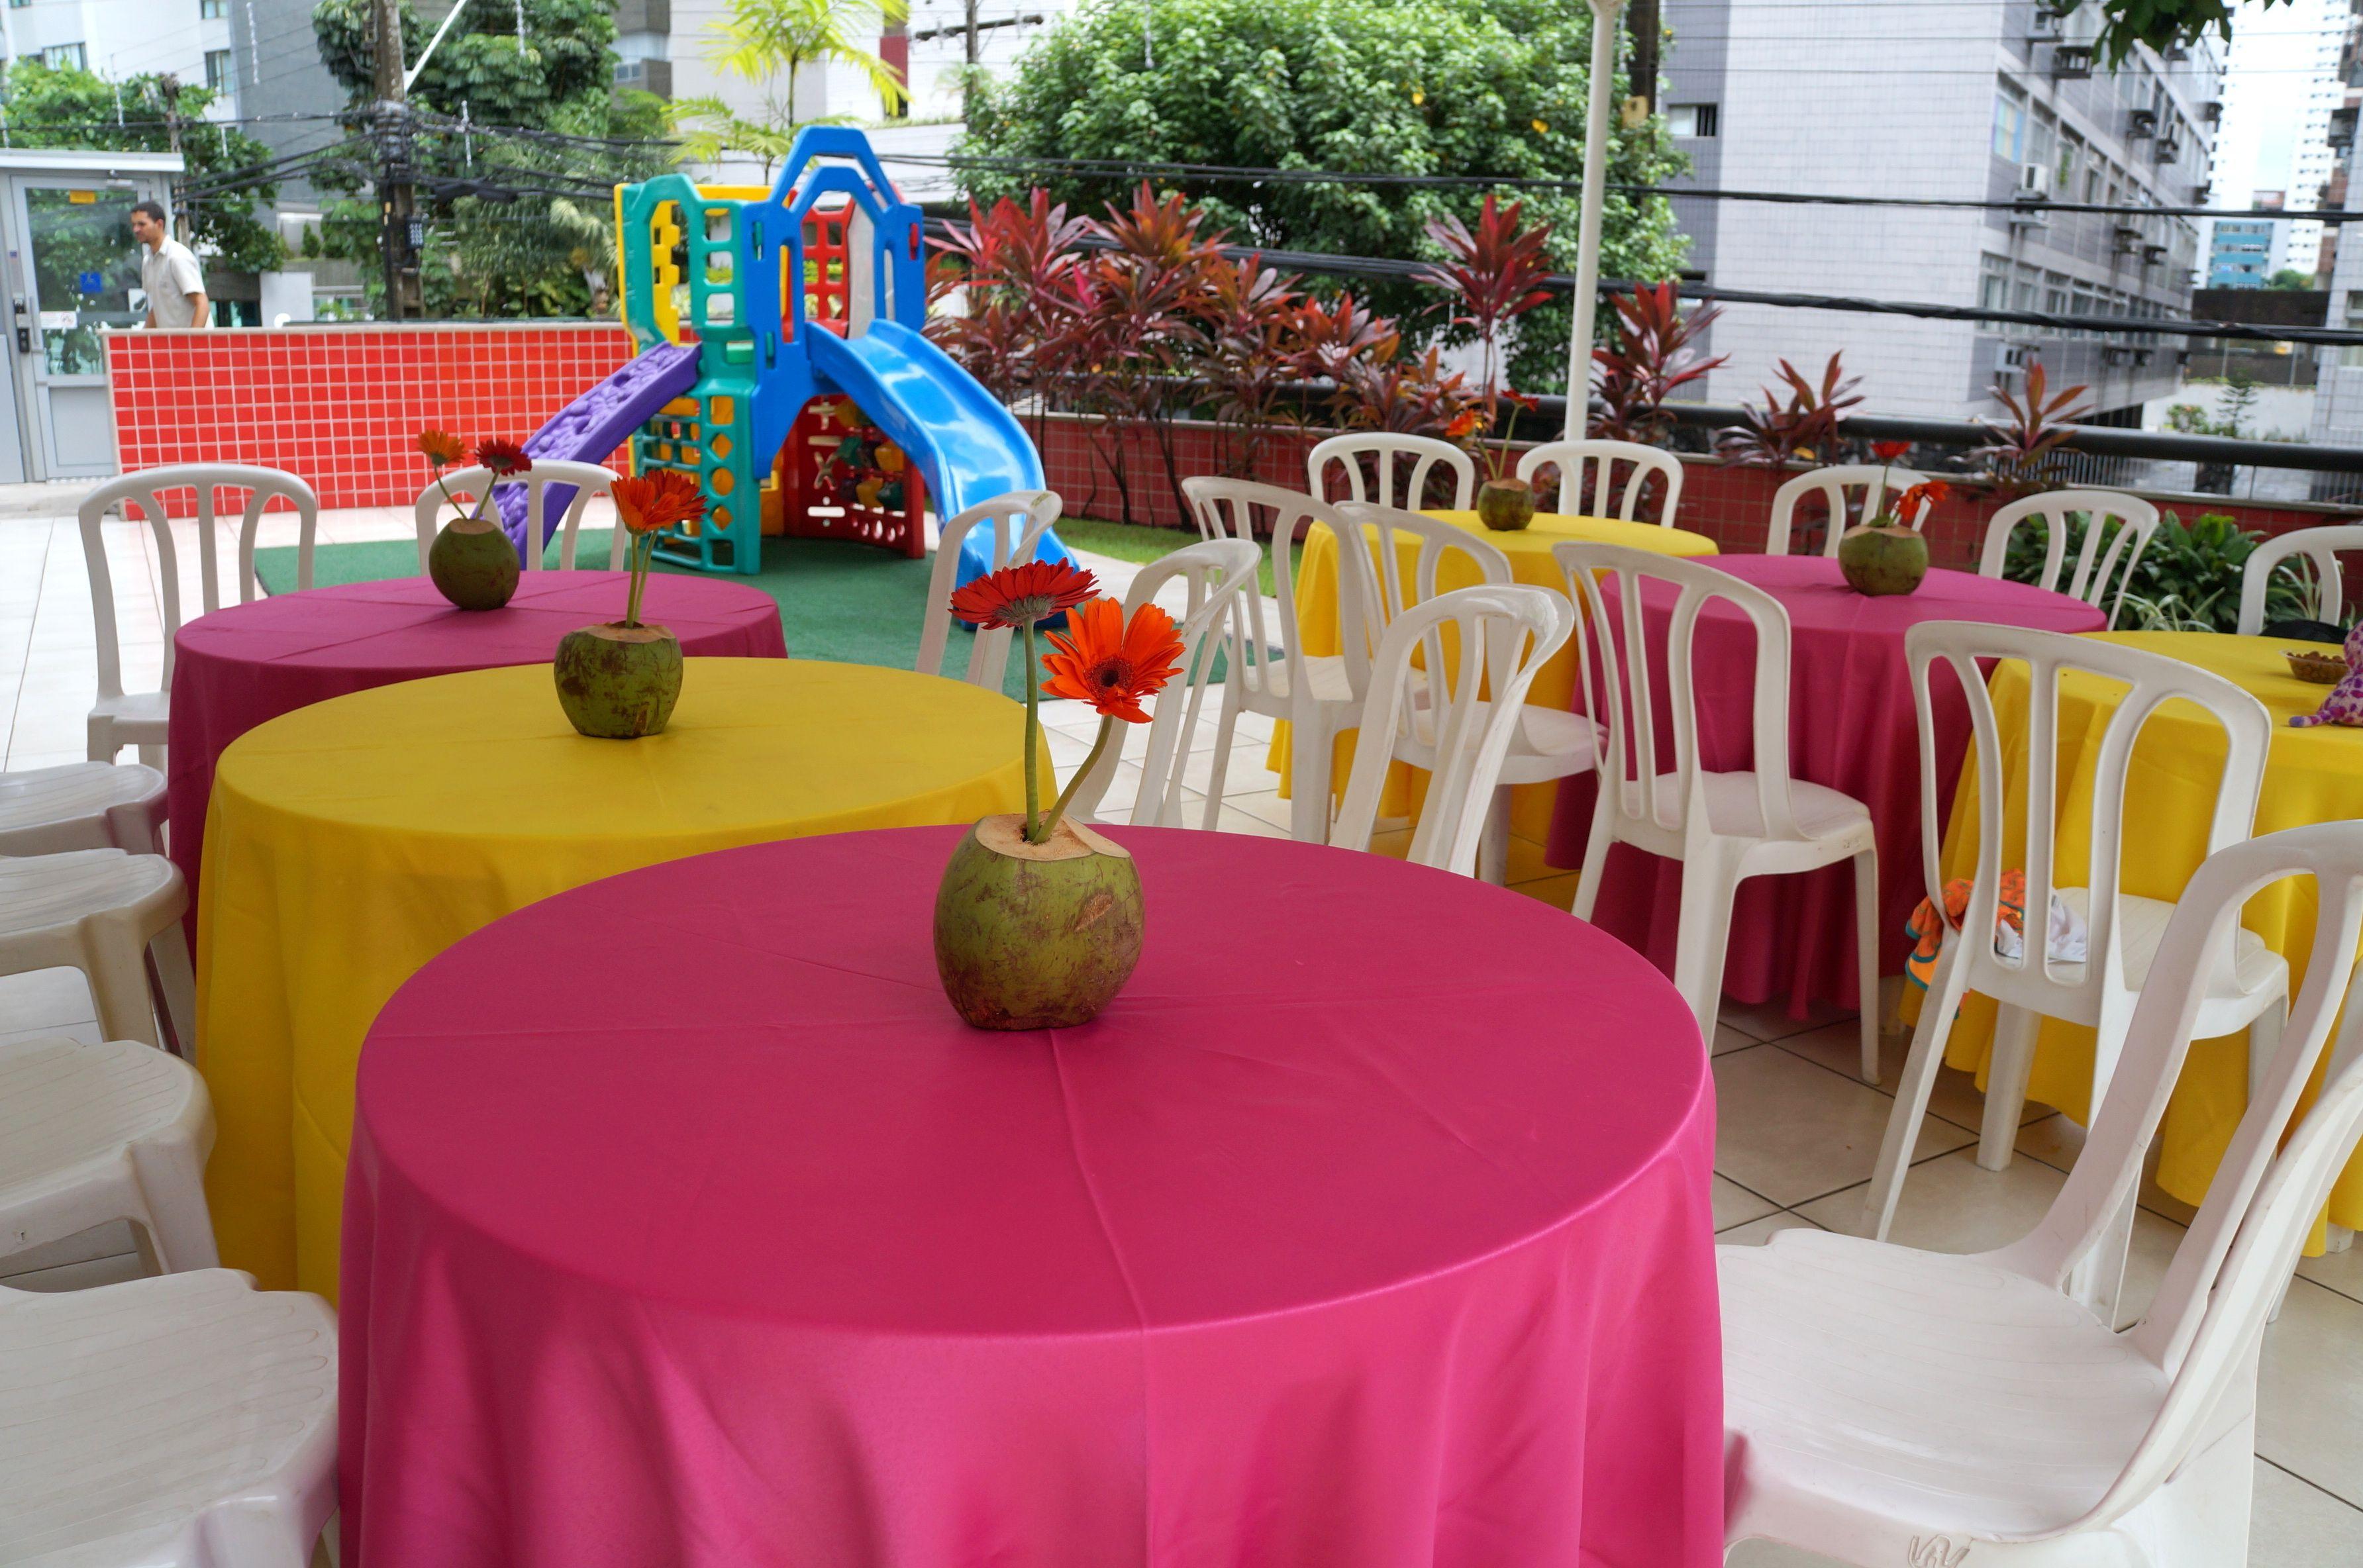 decoraç u00e3o para festa na piscina pool party Beach Ball Fiestas en la piscina, Fiestas